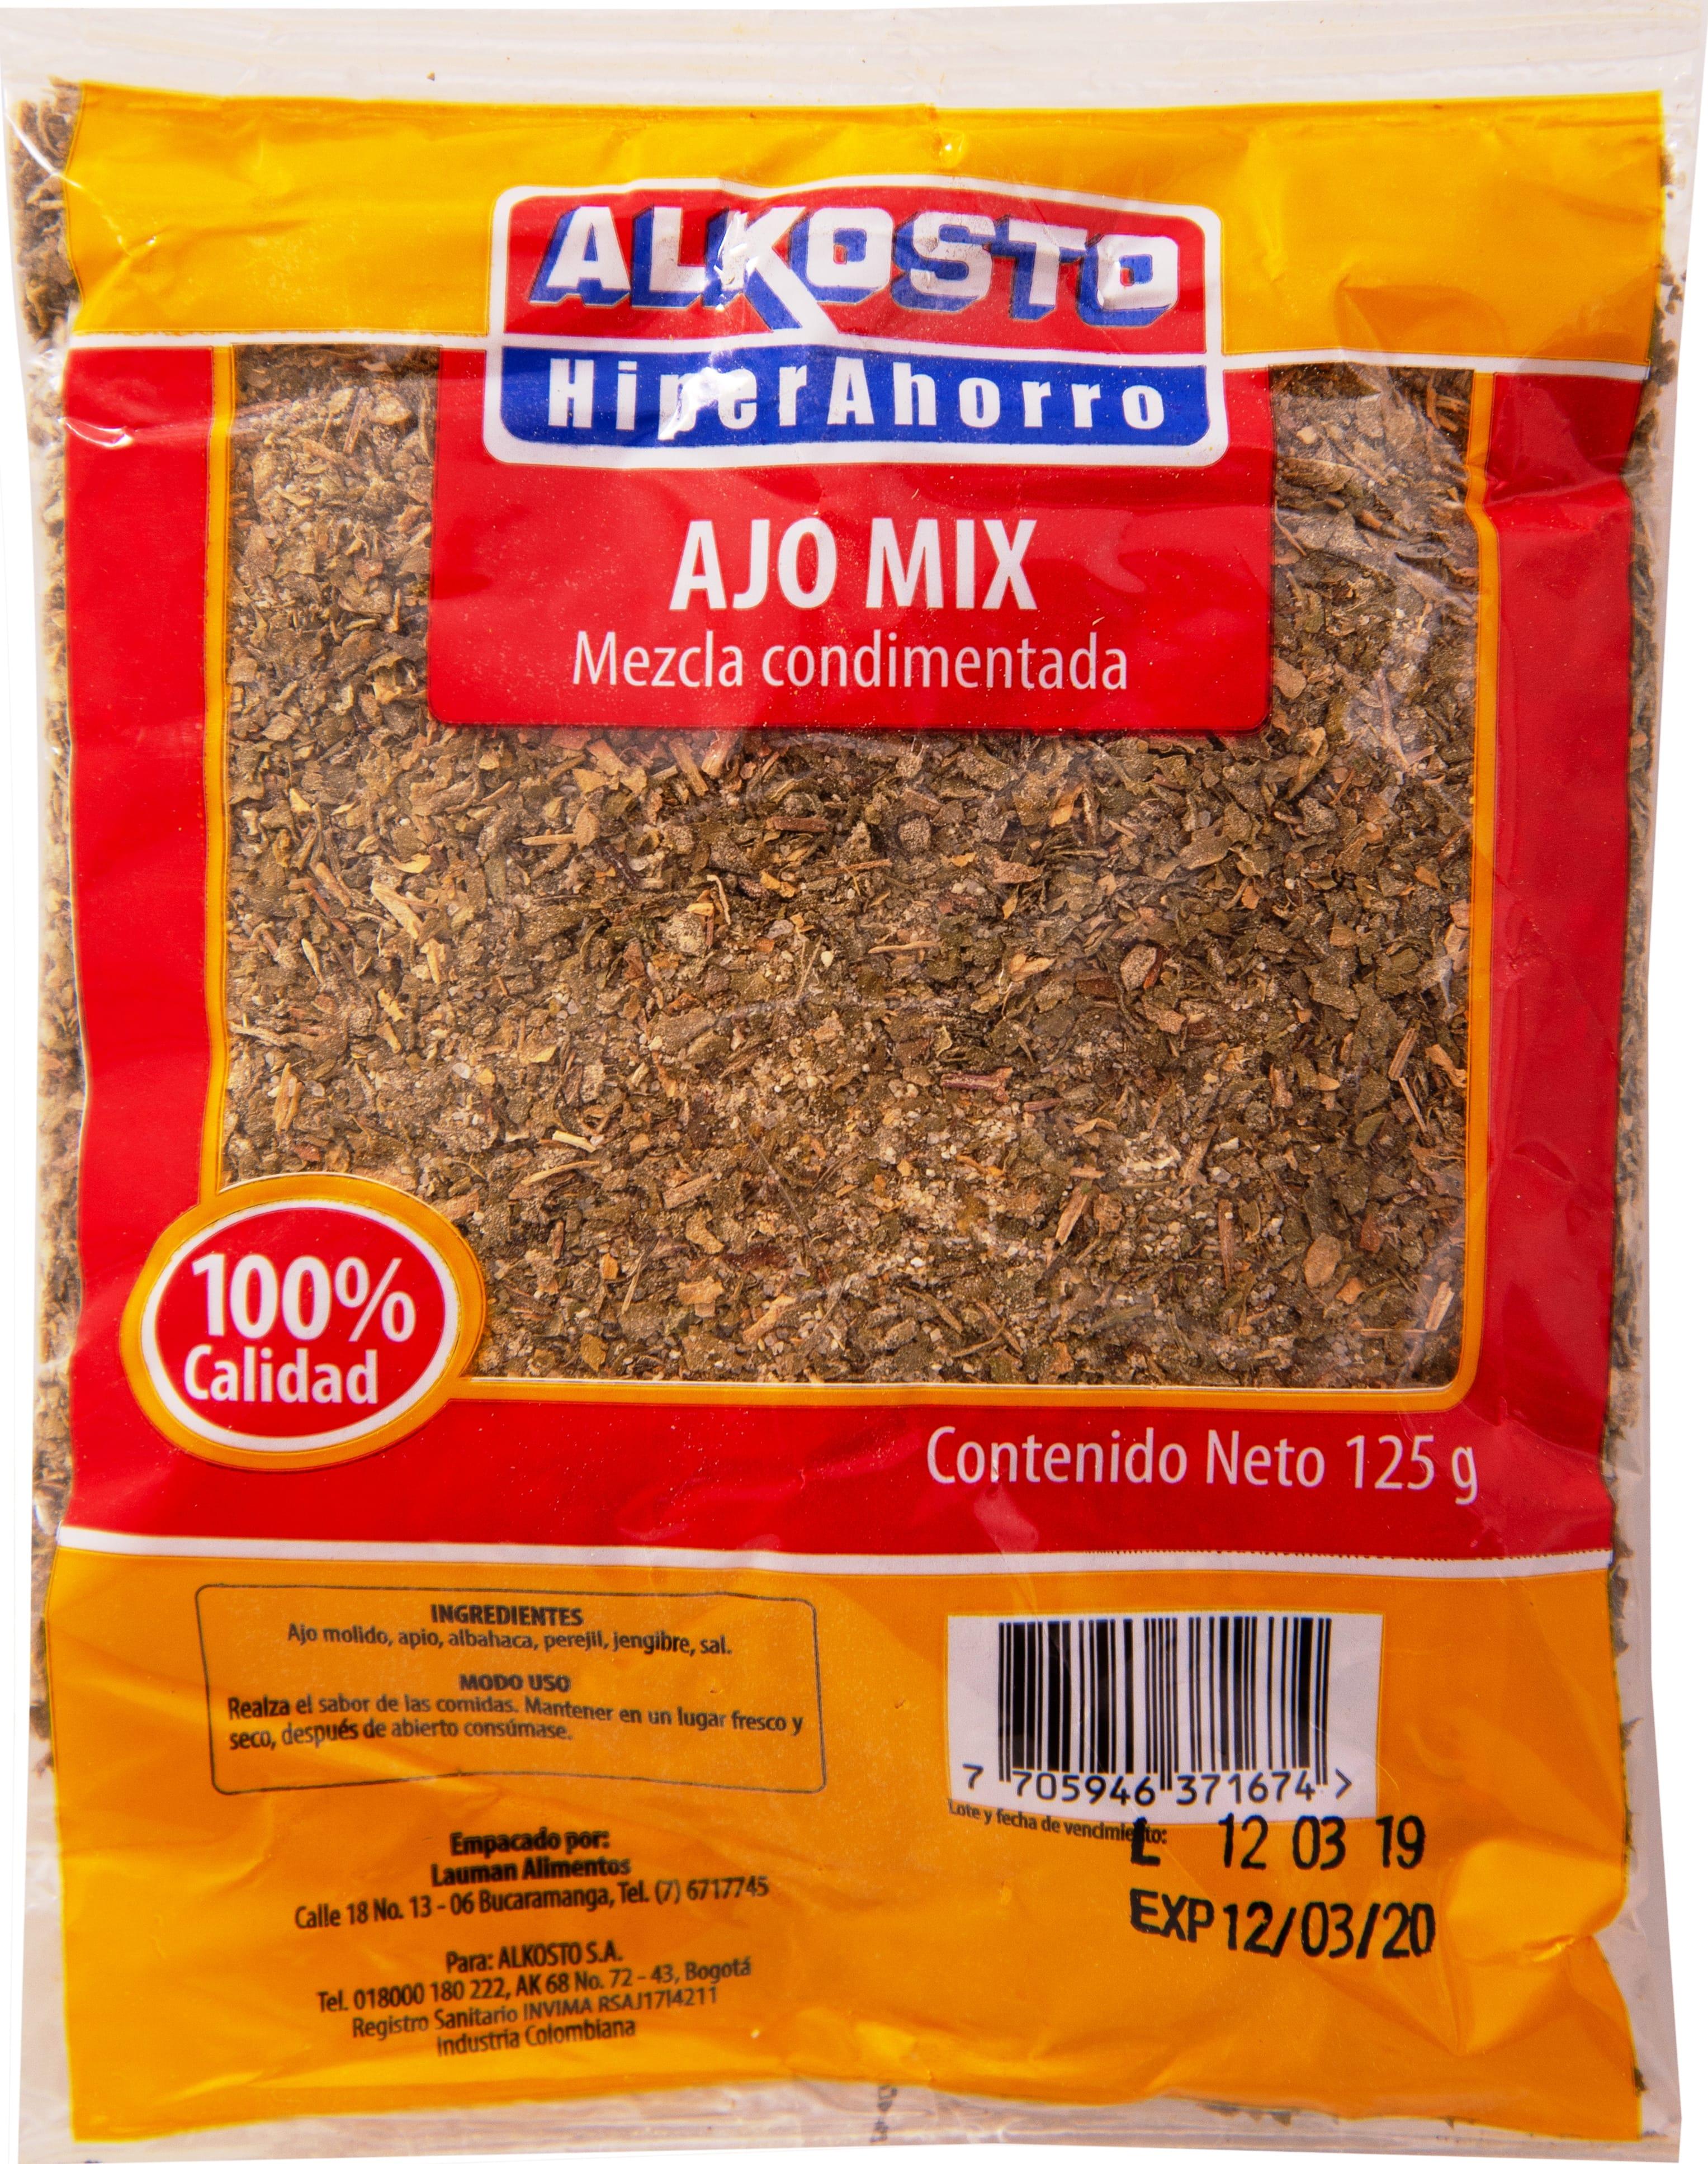 Condimento Alkosto ajo mix 125g